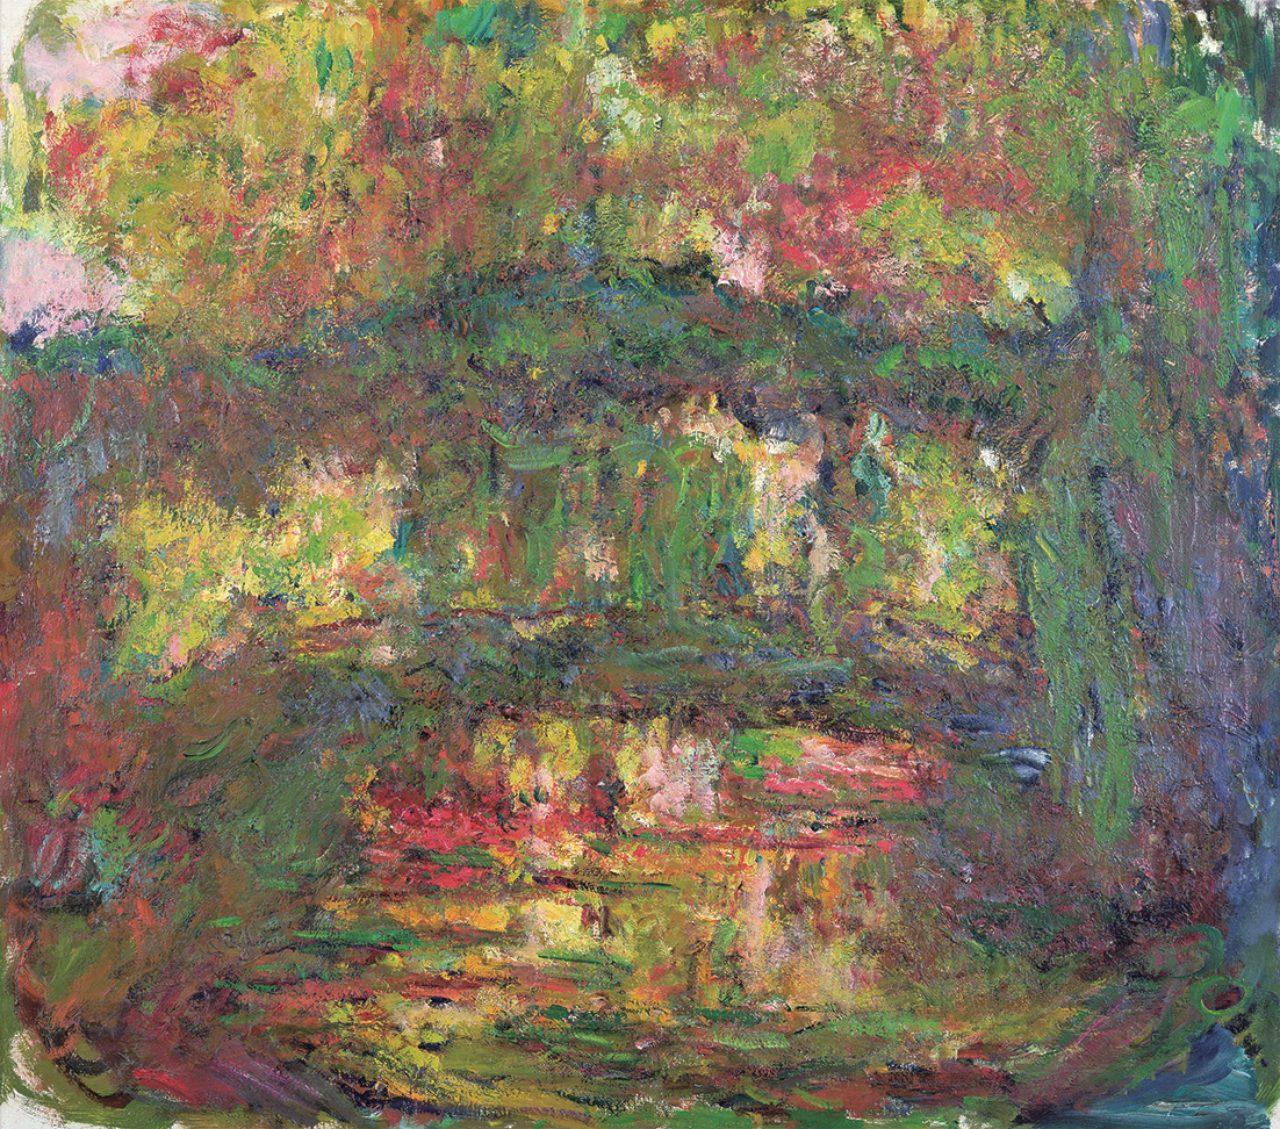 画像: クロード・モネ《日本の橋》(1918-1924年)  Musée Marmottan Monet, Paris © Bridgeman-Giraudon